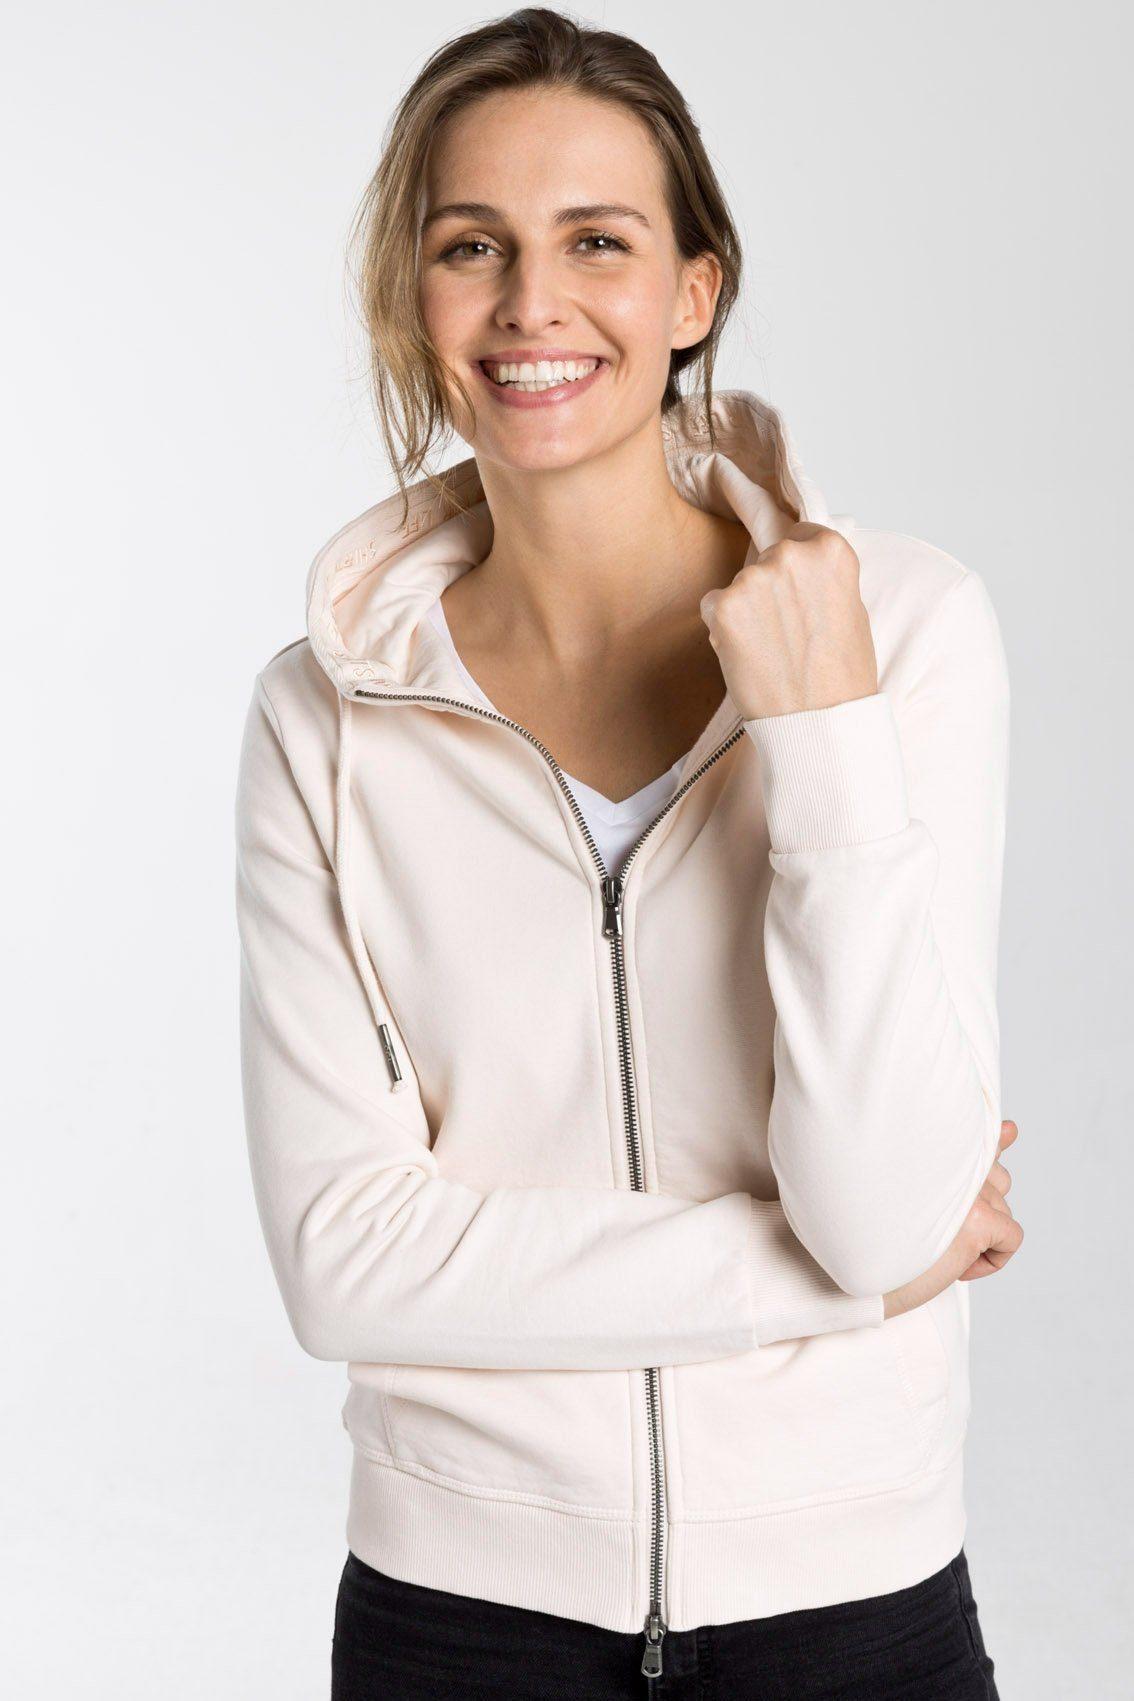 SHIRTS FOR LIFE Sweatjacke aus fair gehandelten Materialien | Bekleidung > Sweatshirts & -jacken > Sweatjacken | Braun | Baumwolle - Polyester | Shirts For Life